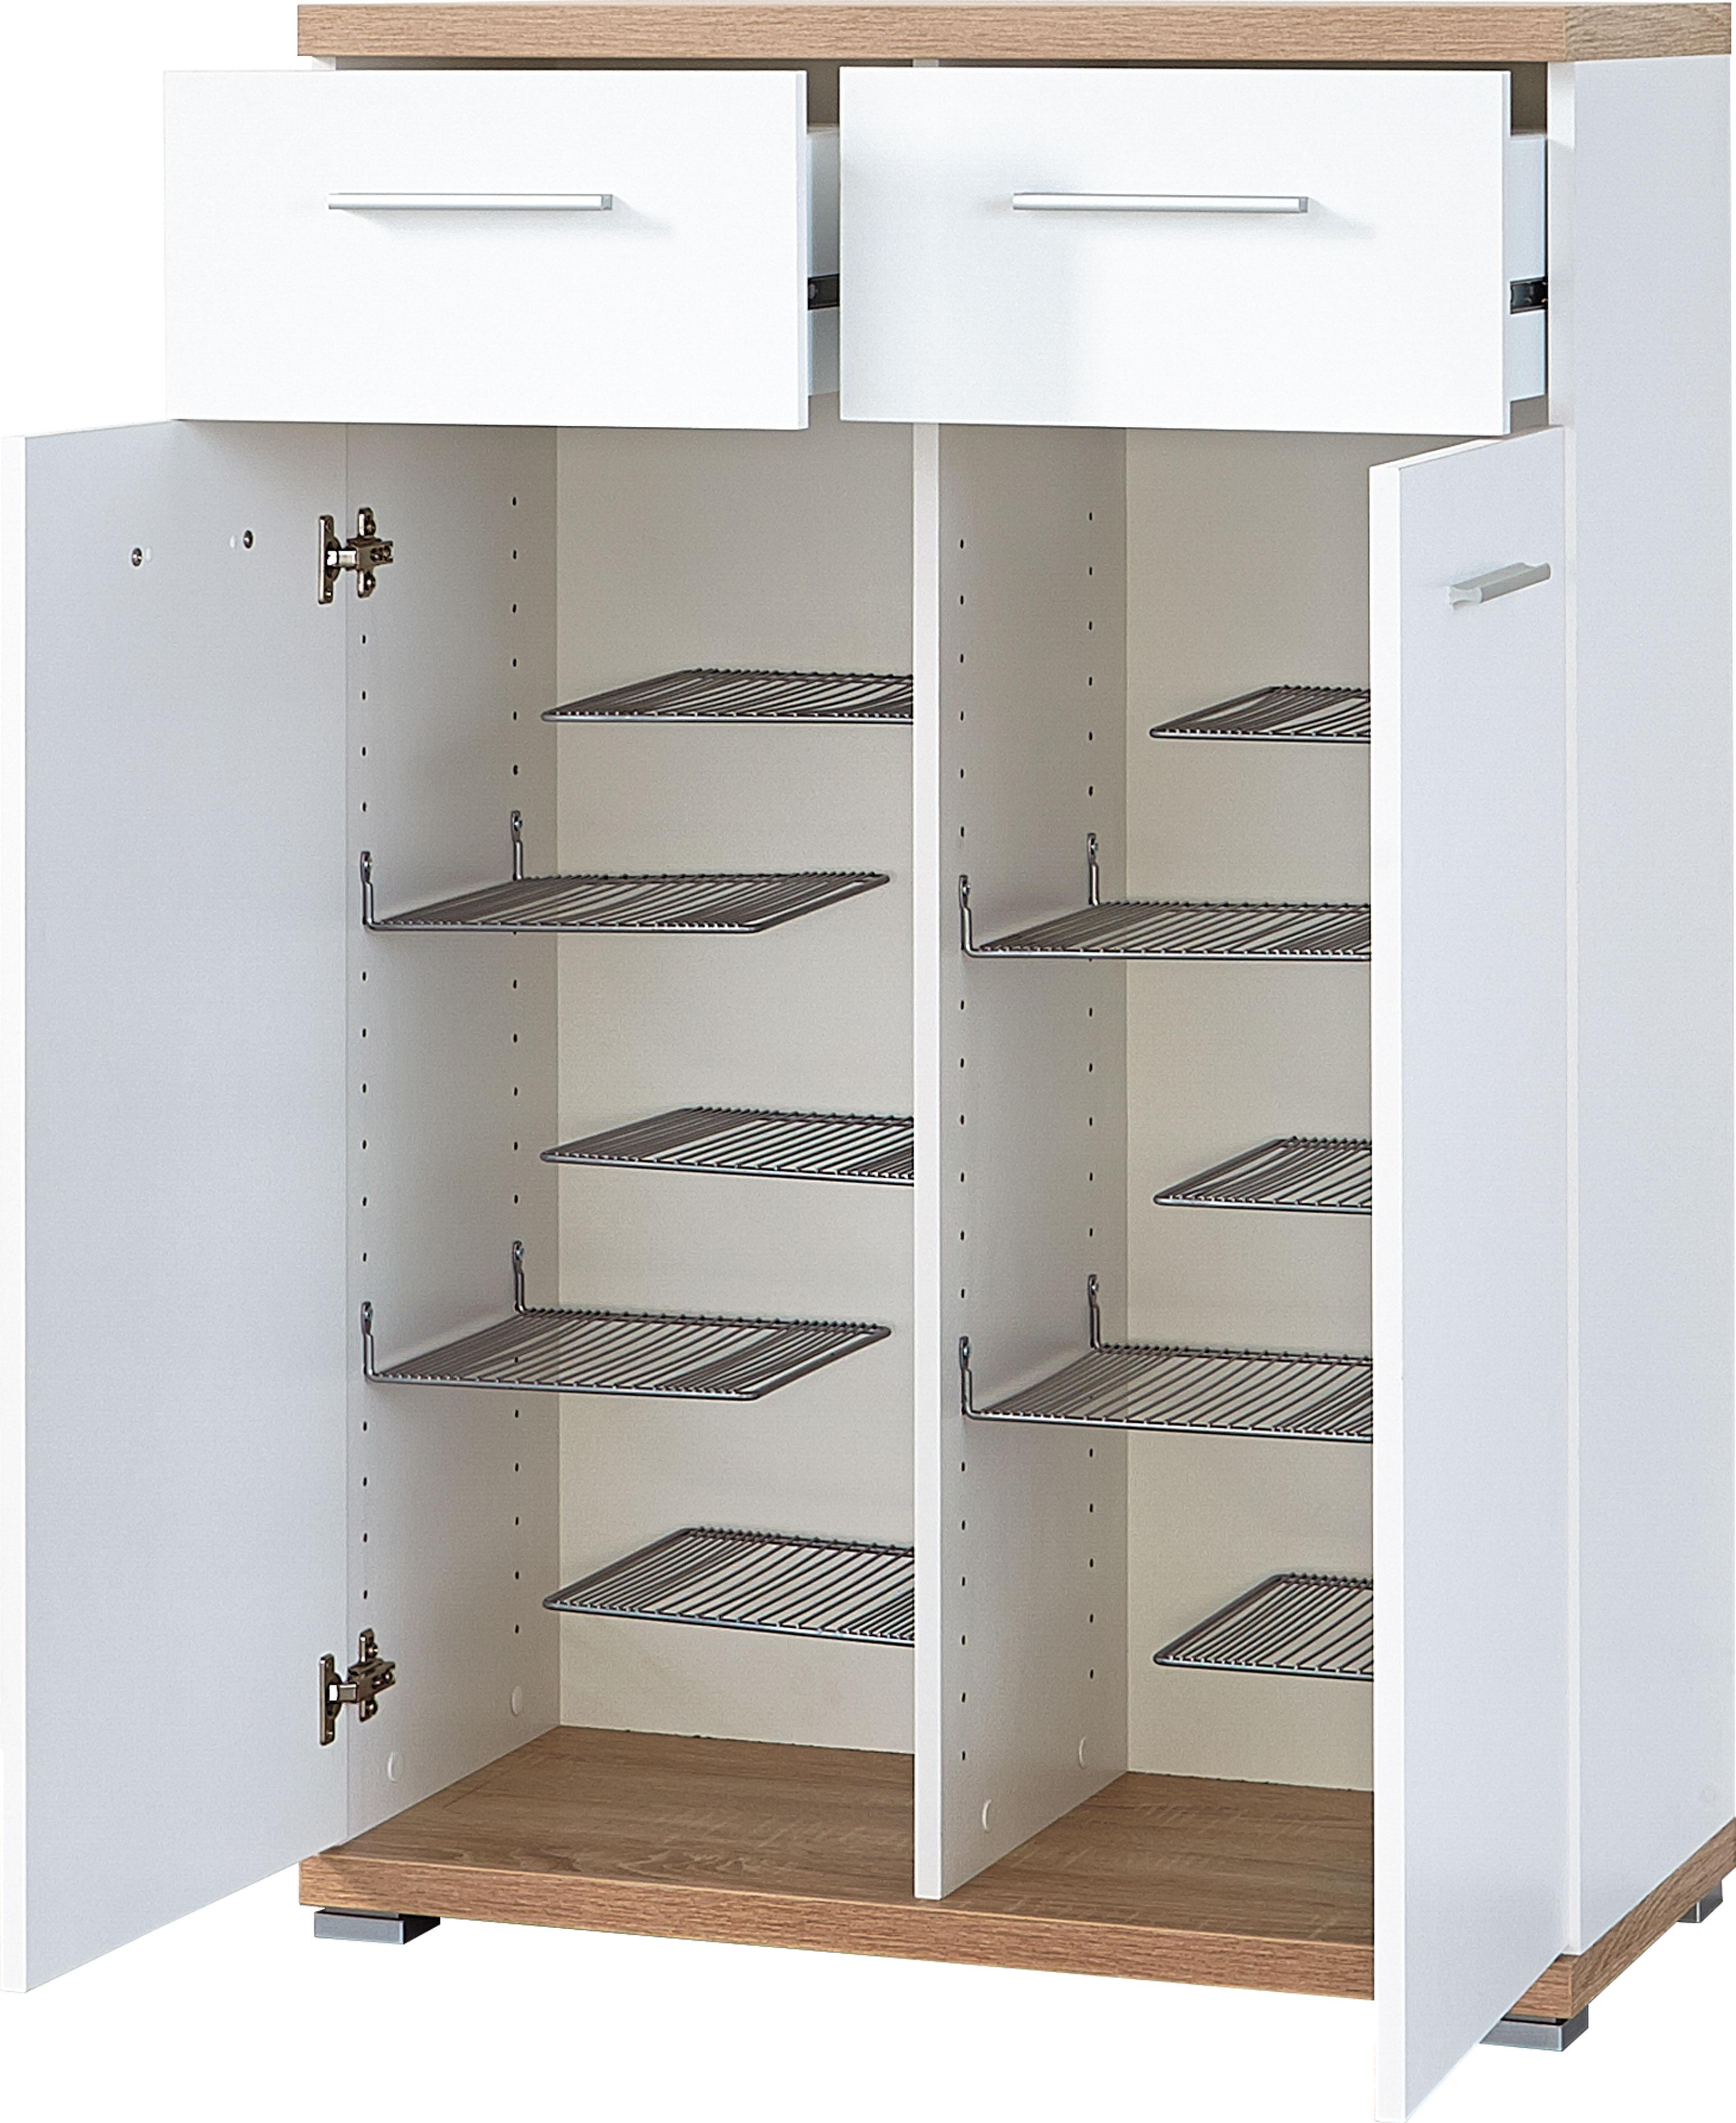 schuhschrank schuhkommode schuhregal ablage mod gm720 weiss sonoma eiche ebay. Black Bedroom Furniture Sets. Home Design Ideas